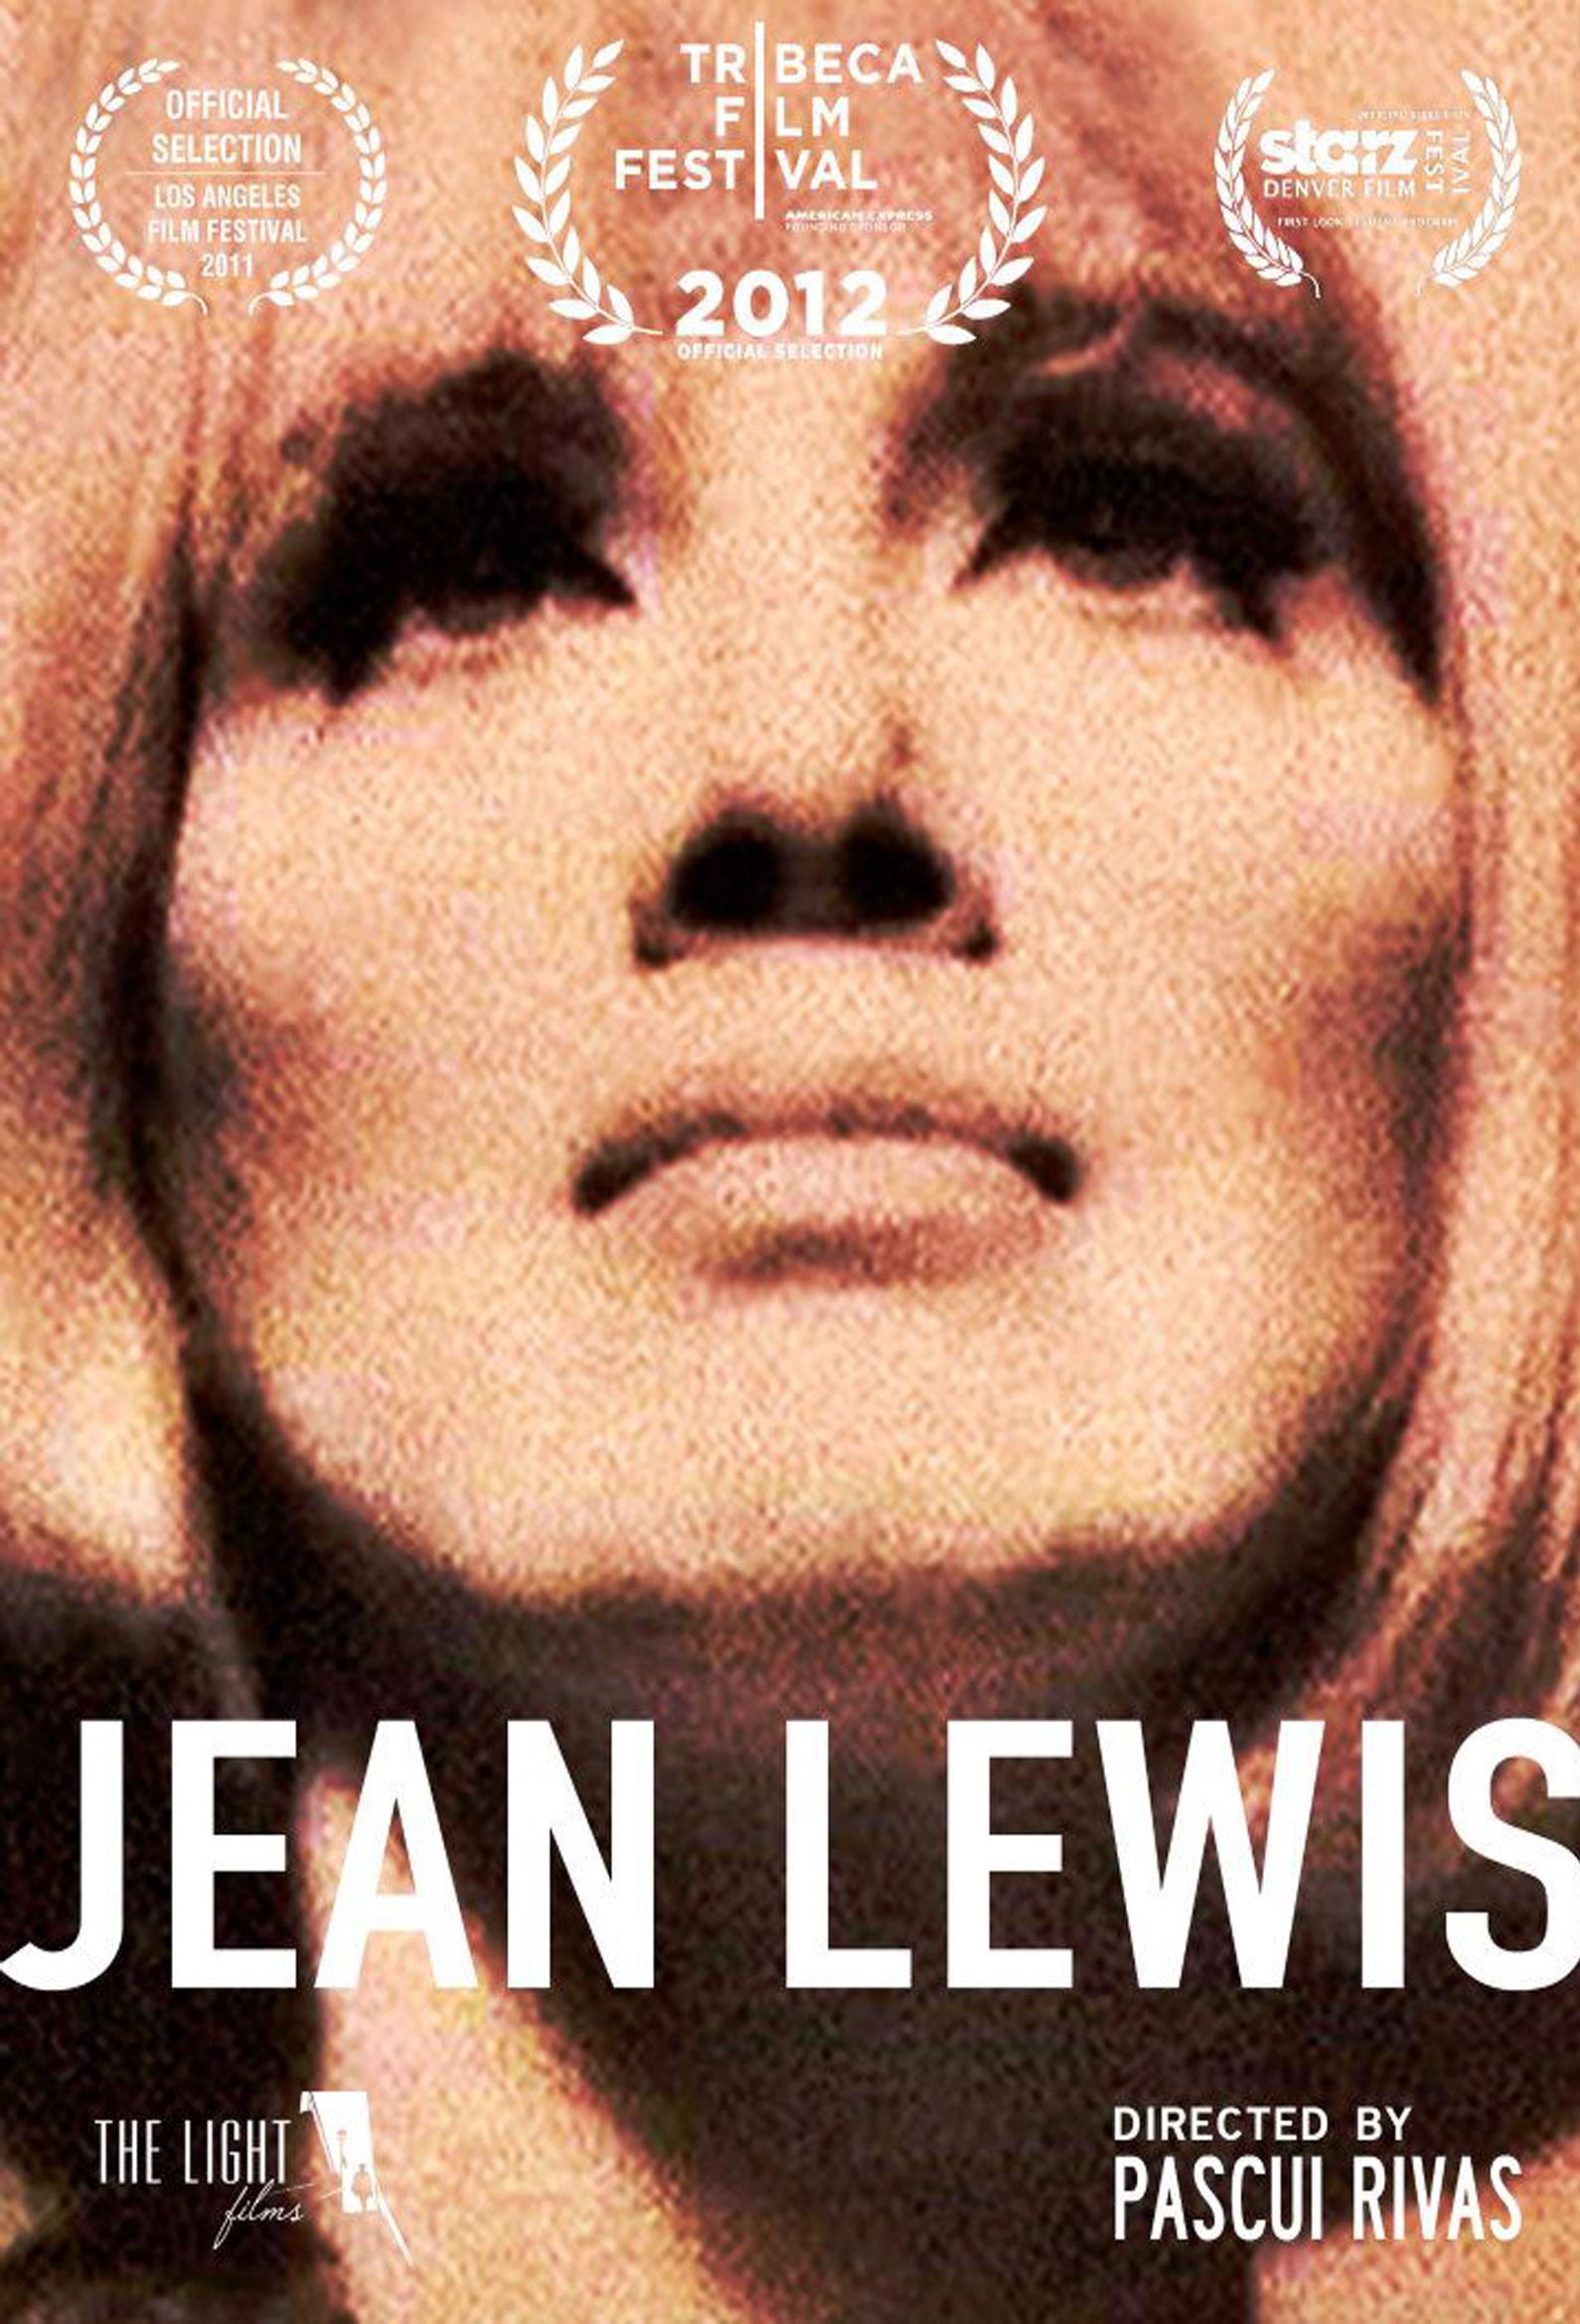 JEAN LEWIS